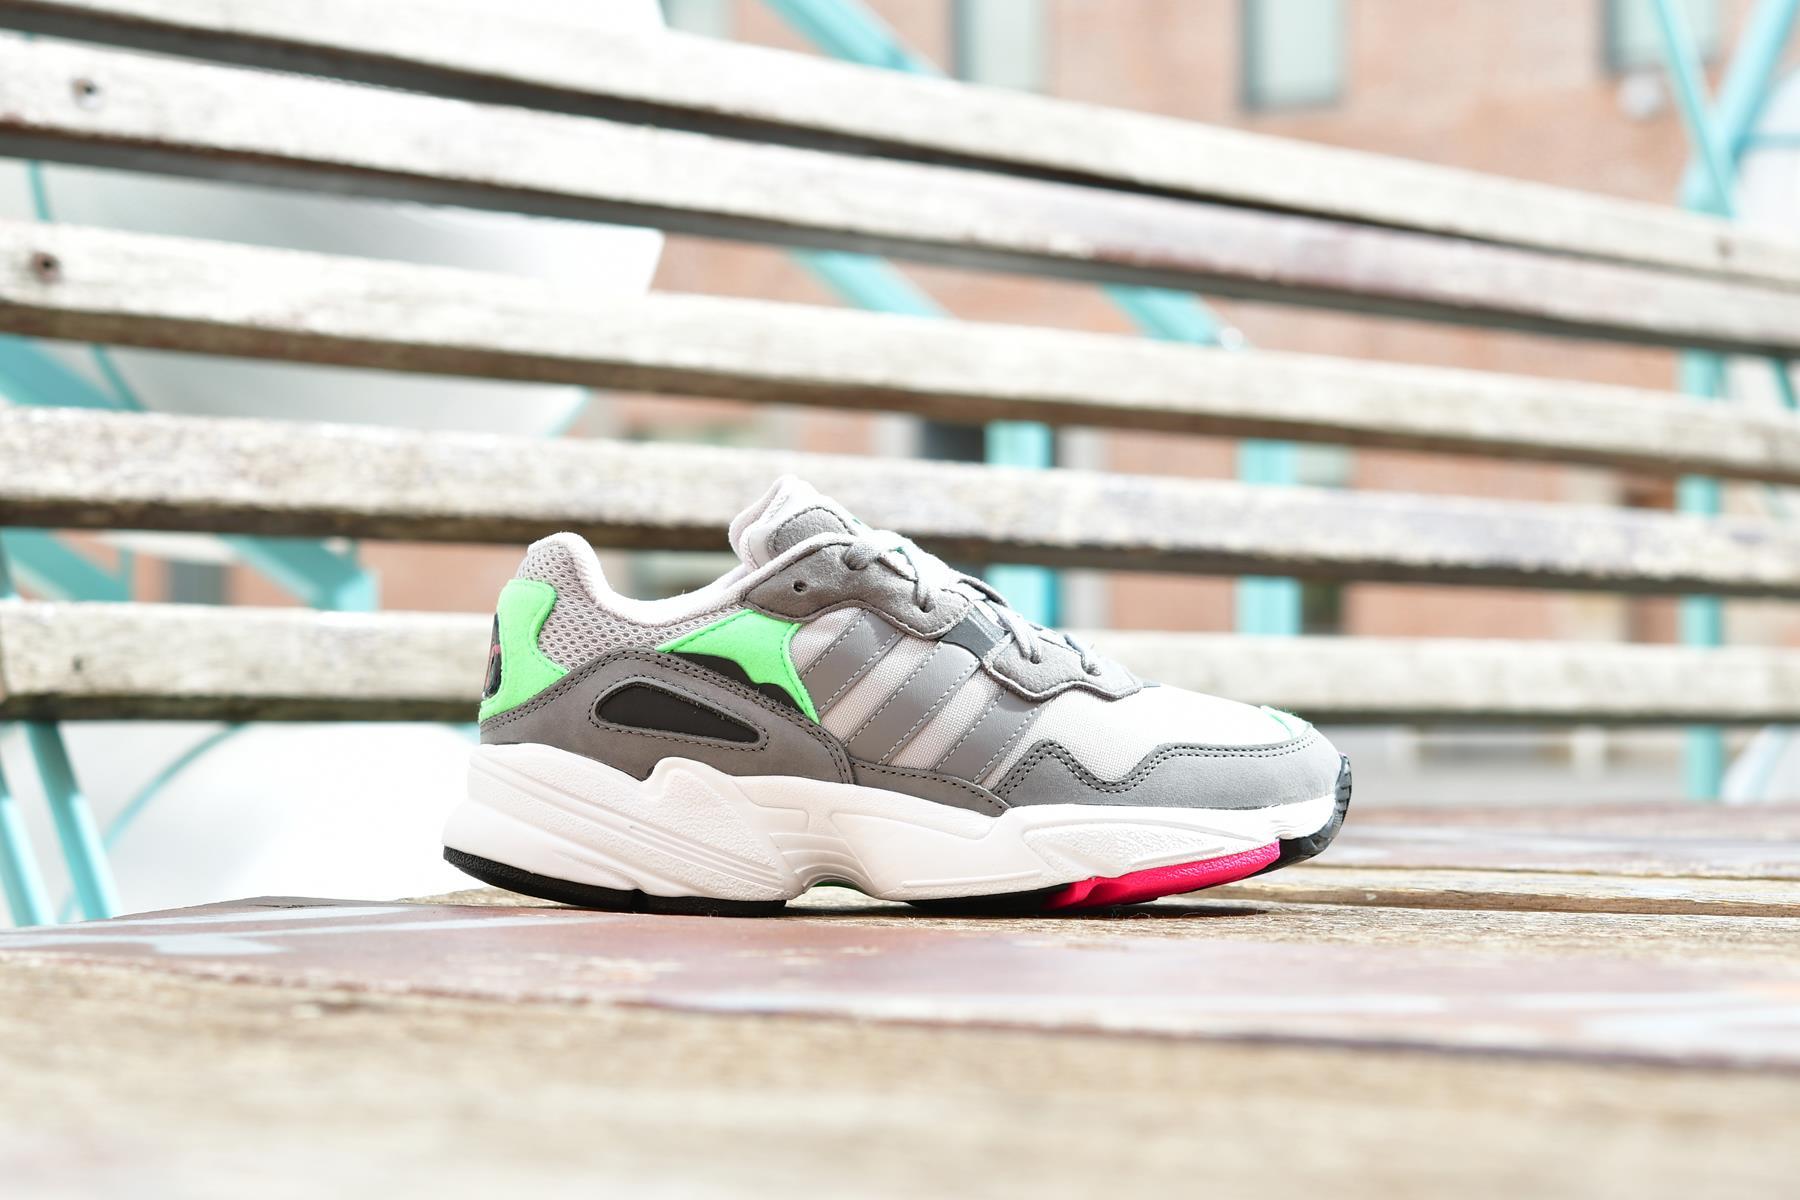 F35020_AmorShoes-adidas-Originals-yung-96-Grey-Two-Grey-Three-Shock-Pink-Zapatilla-suela-sobredimensionada-piel-vuelta-nylon-gris-verde-rosa-fluor-F35020